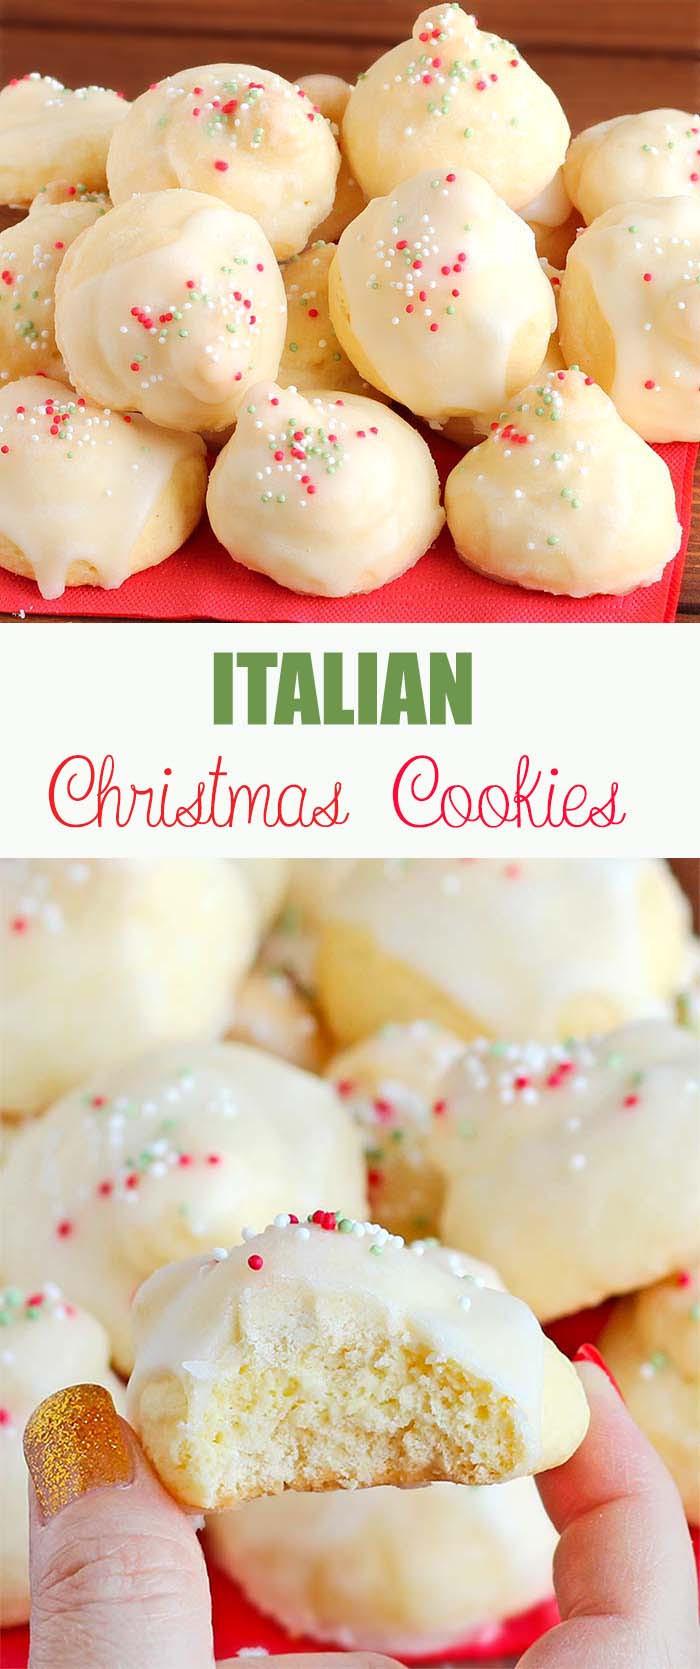 Italian Christmas Cookies  Italian Christmas Cookies Cakescottage